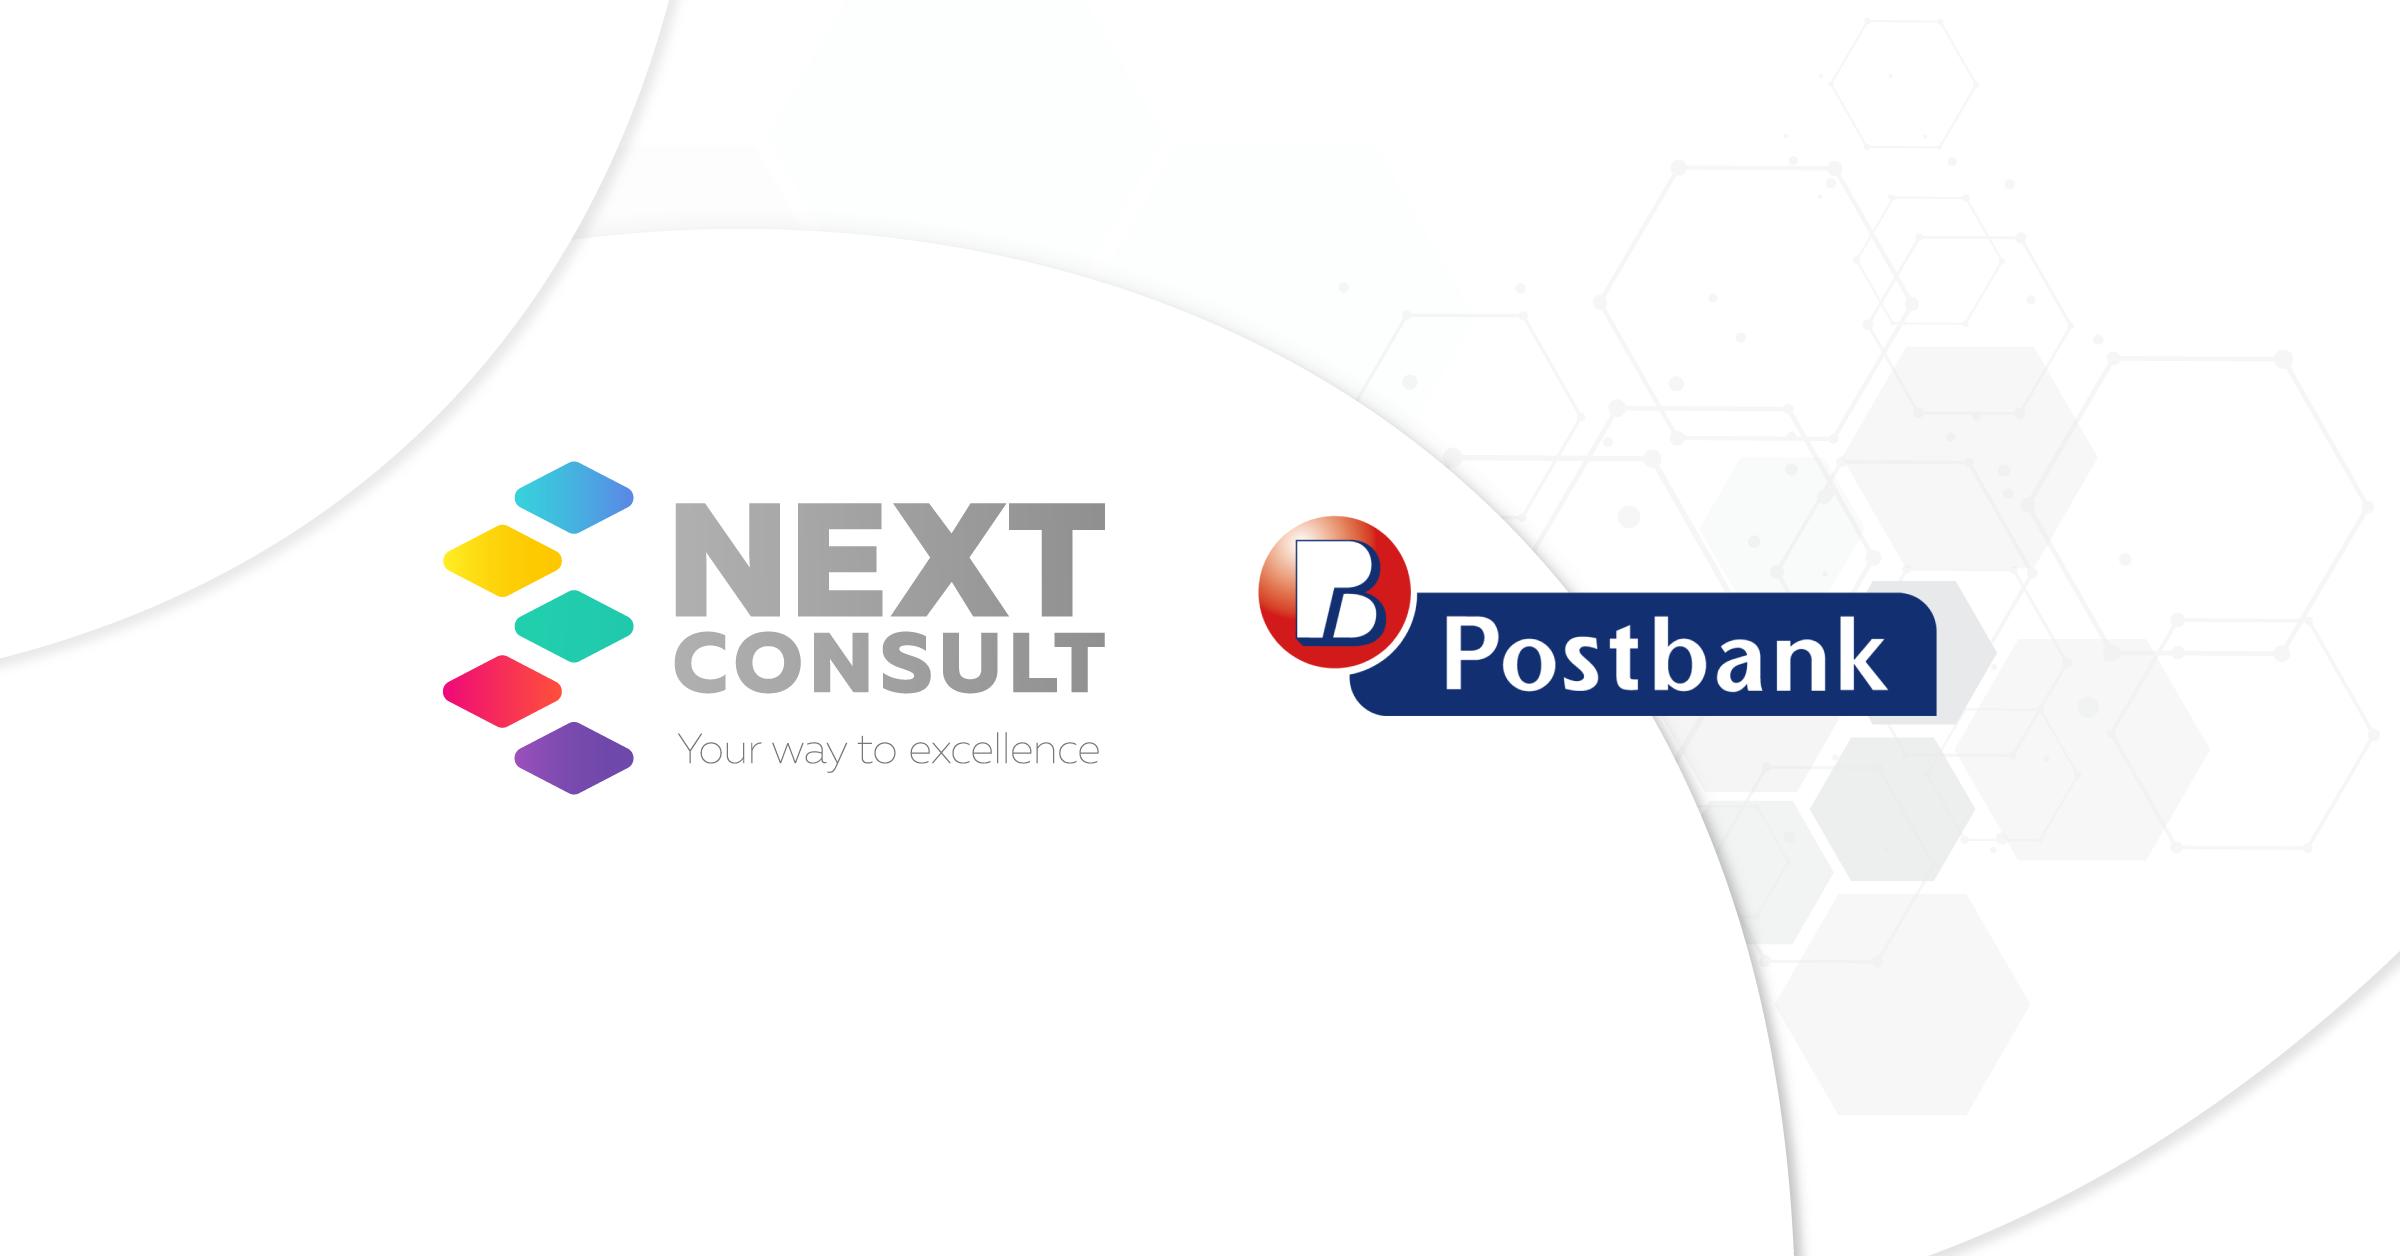 postbank-visual